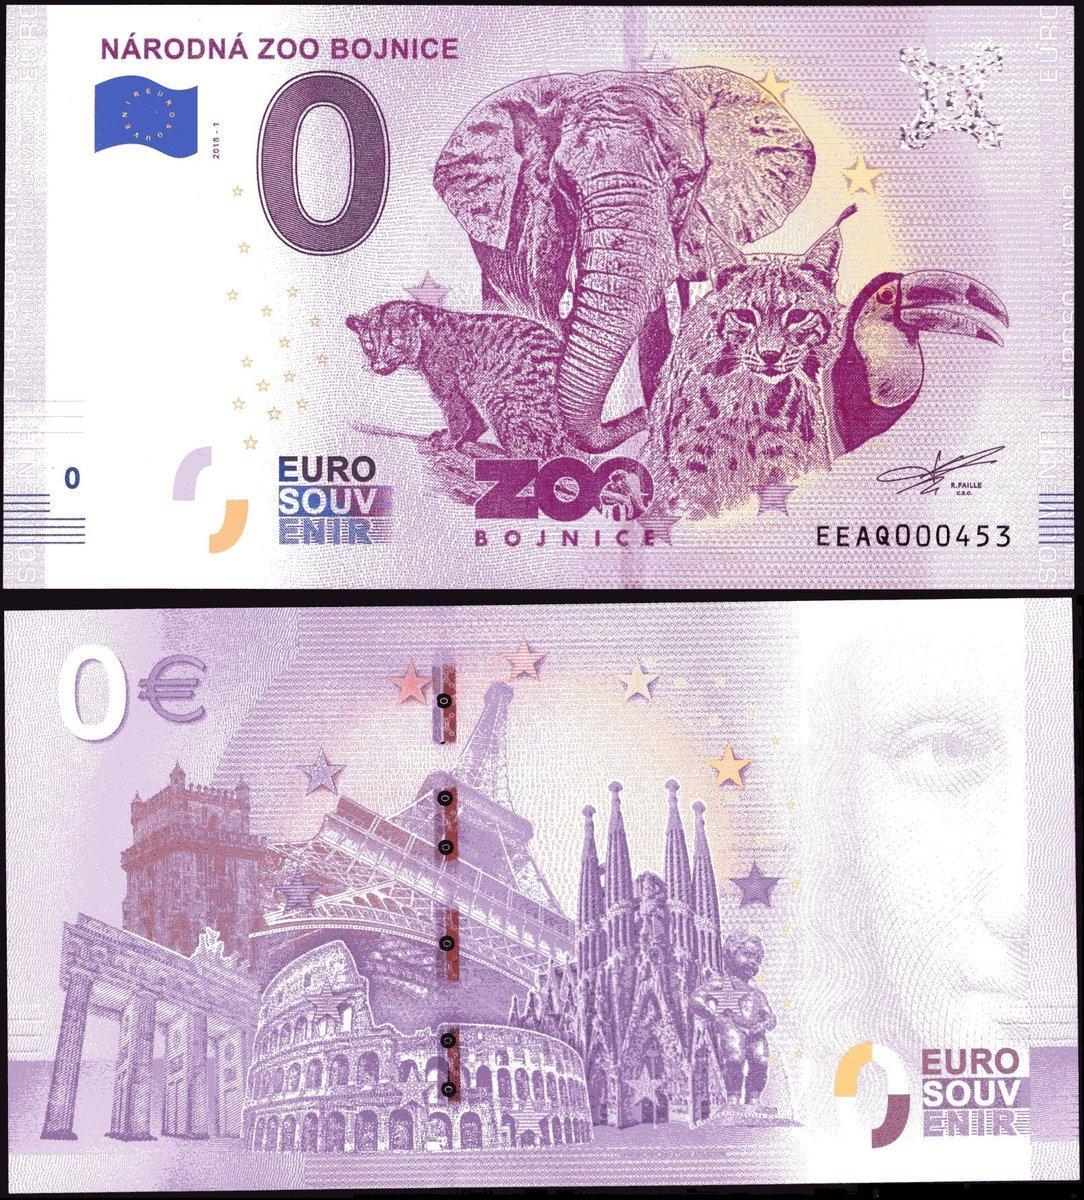 NEW 0 Euro Souvenir Banknote 2019-1 LEVOCA SLOVAKIA SLOWAKEI series EECC